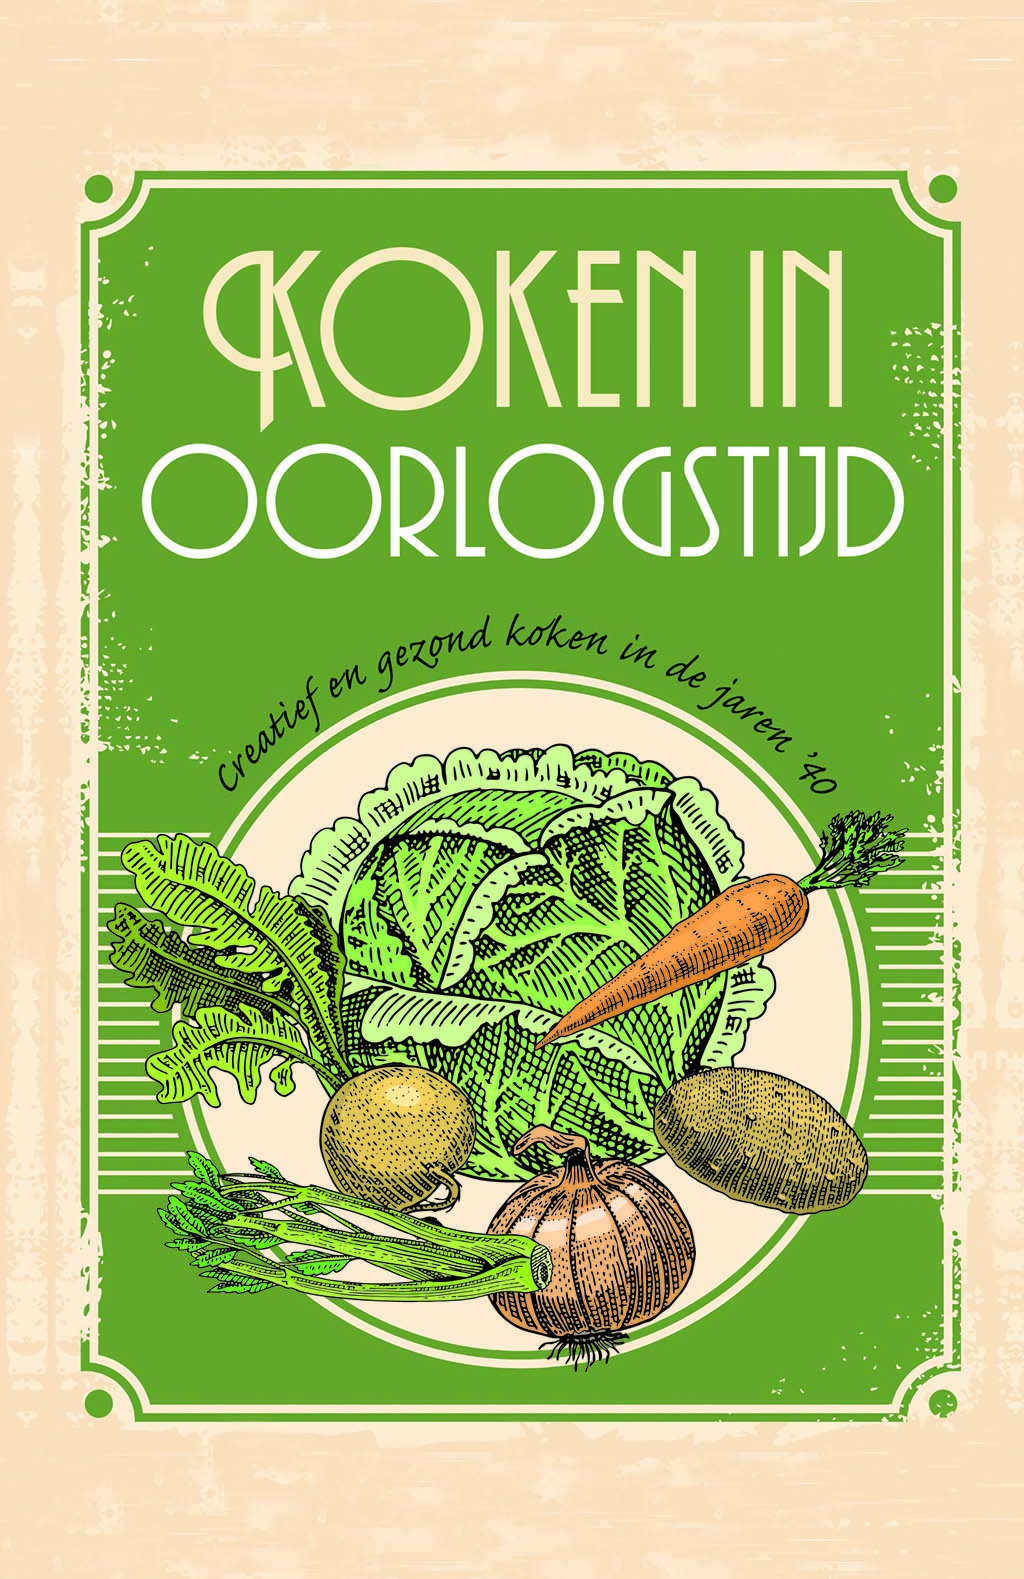 Koken in oorlogstijd - Cover